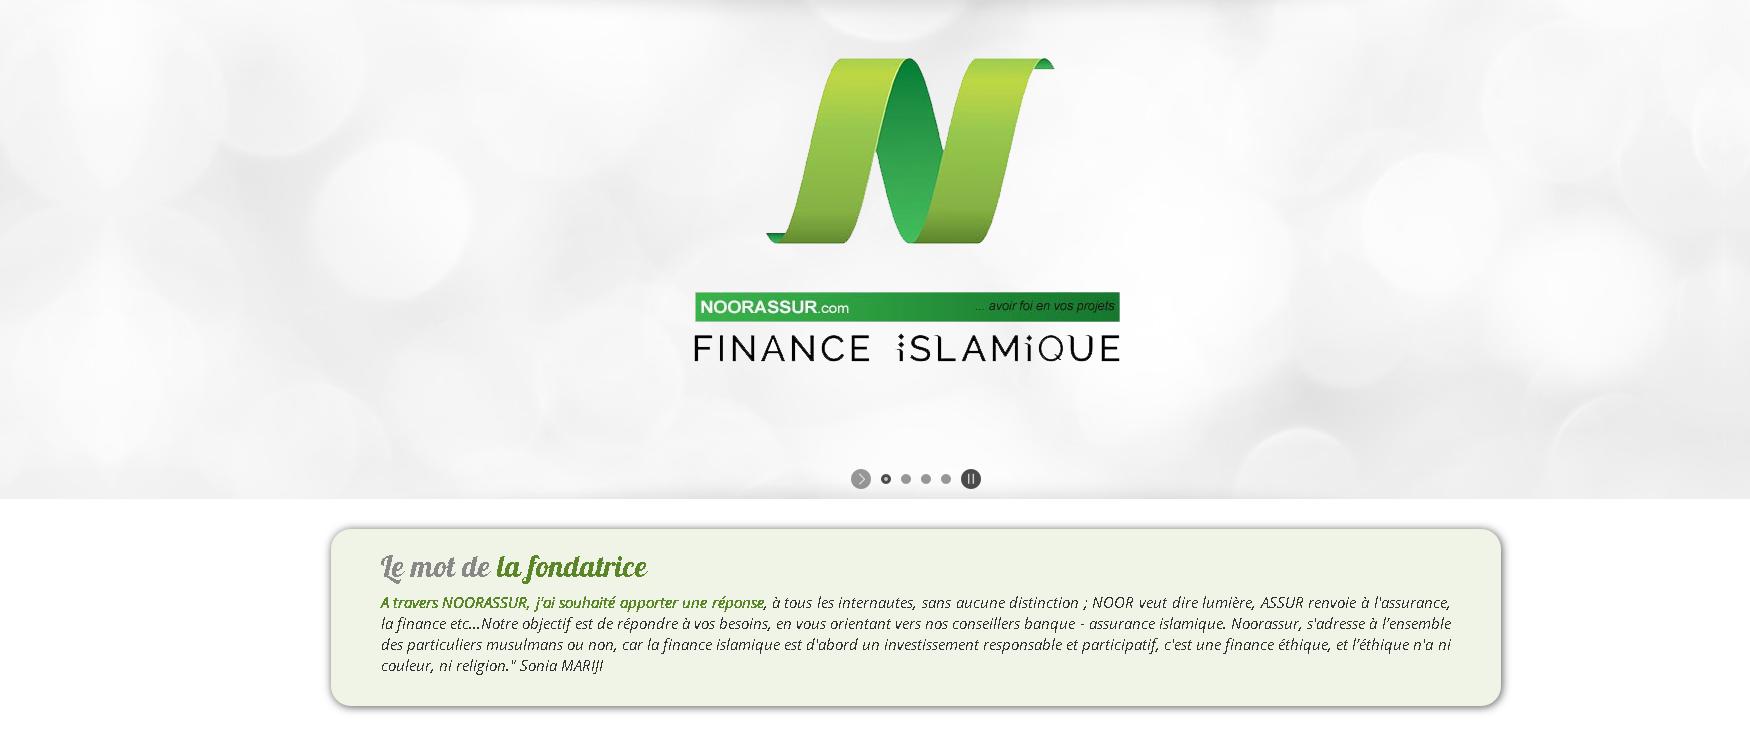 Une agence bancaire de finance islamique a ouvert ses portes en France